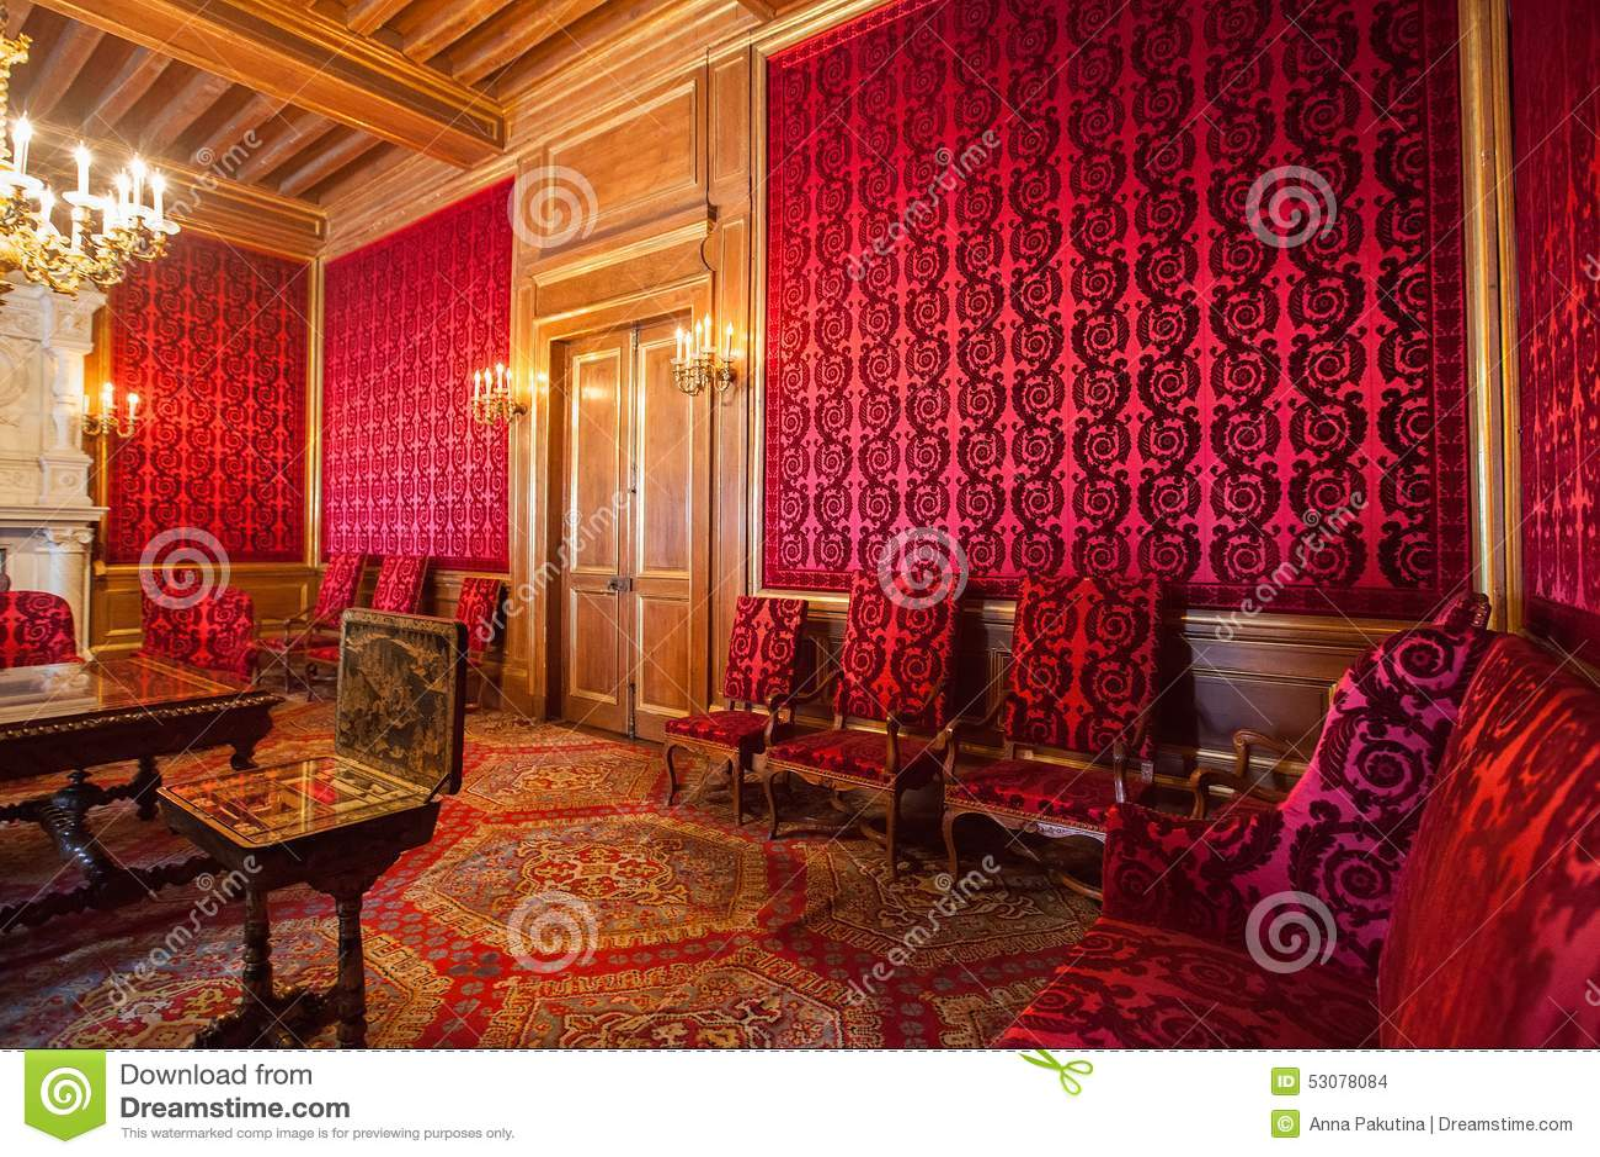 Int rieur de pau castle ch teau de pau france image for Interieur frans